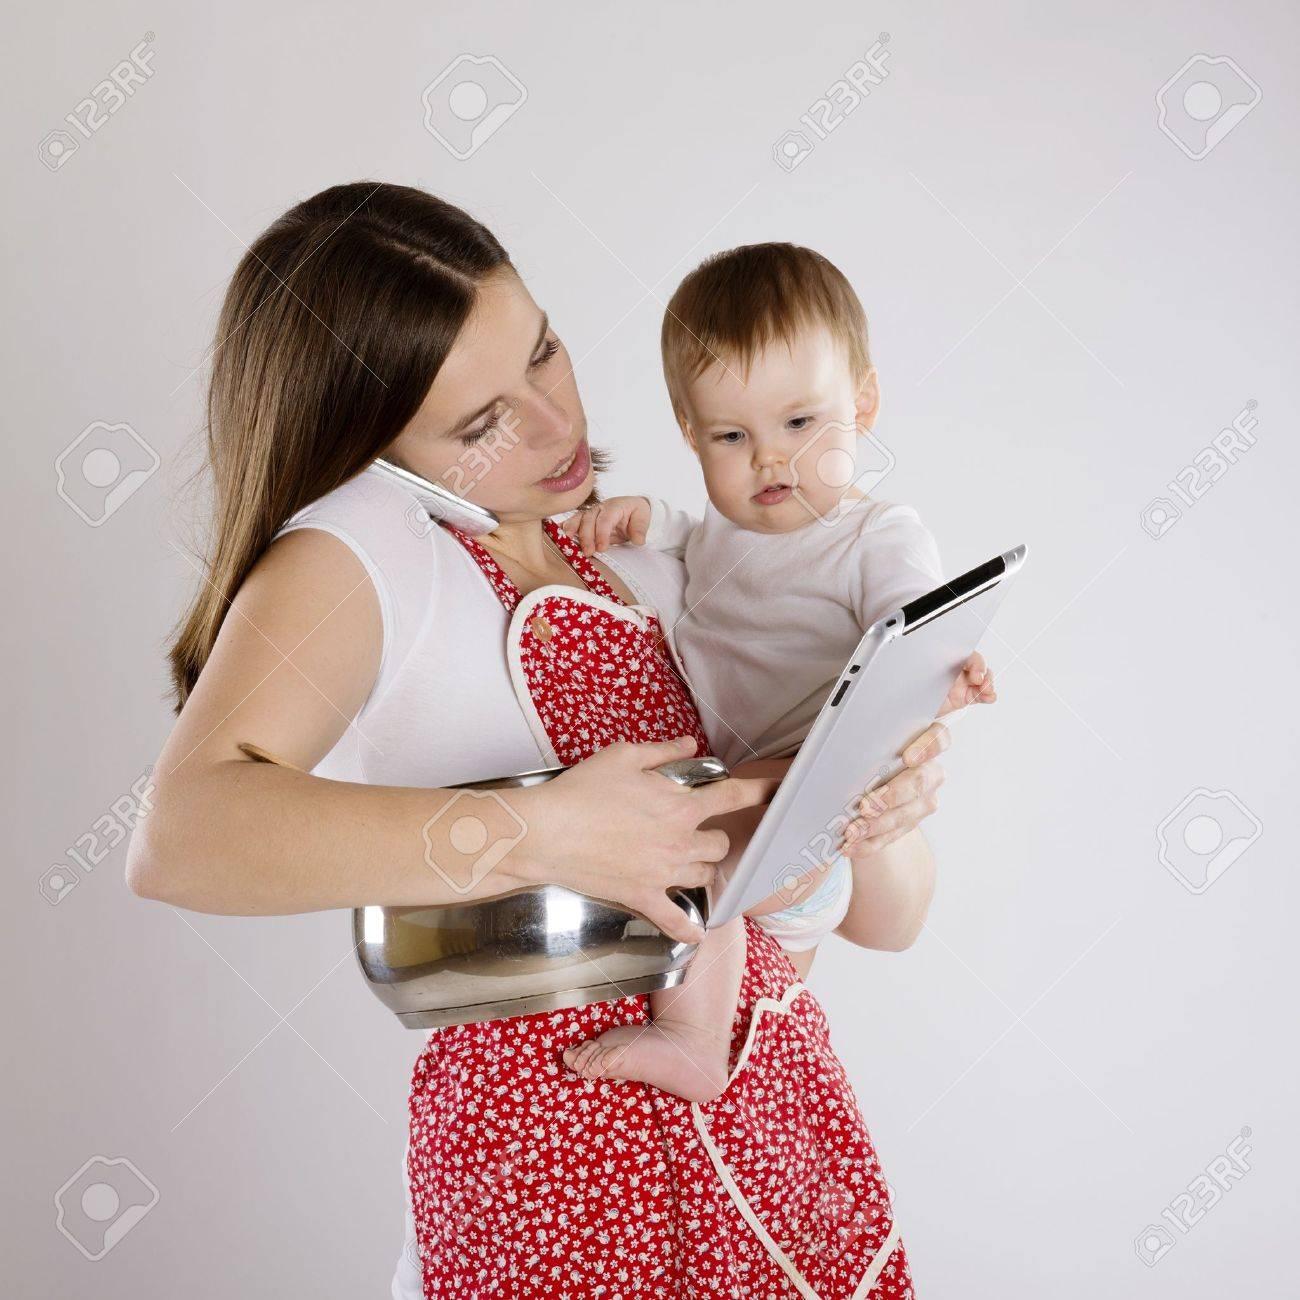 Consecuencias del uso del móvil en niños menores de 3 años